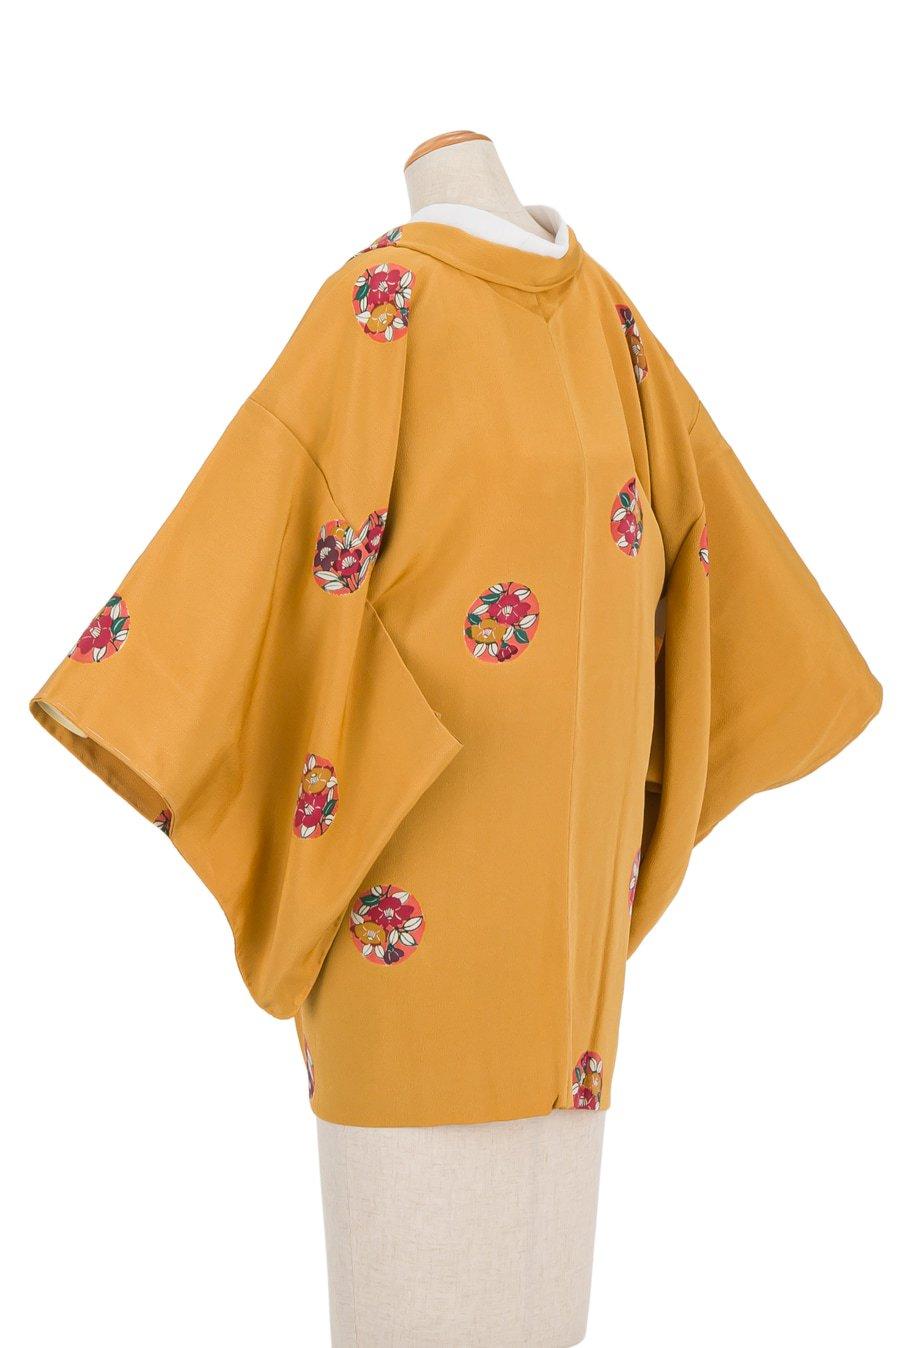 「辛子色 丸に椿」の商品画像